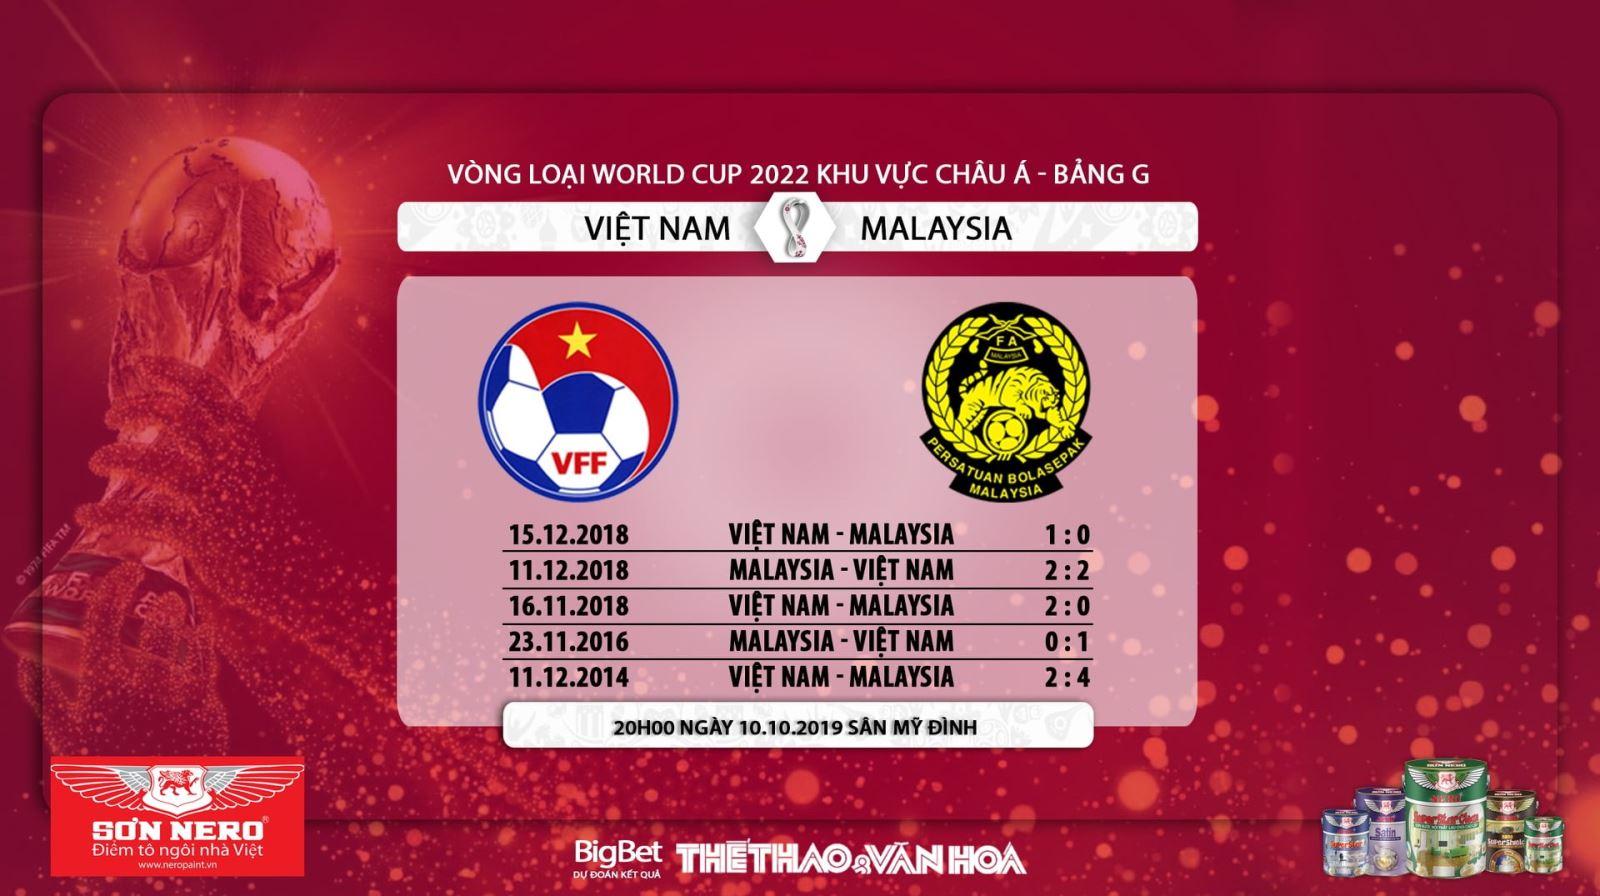 Việt Nam vs Malaysia, Vietnam vs Malaysia, Việt Nam đấu với Malaysia, Việt Nam và Malaysia, Việt Nam vs Mã, Viet Nam vs Ma, VN vs Malaysia, Malaysia đấu với Việt Nam, Việt Nam, Malaysia, Vietnam, VN, Mã, Mã Lai